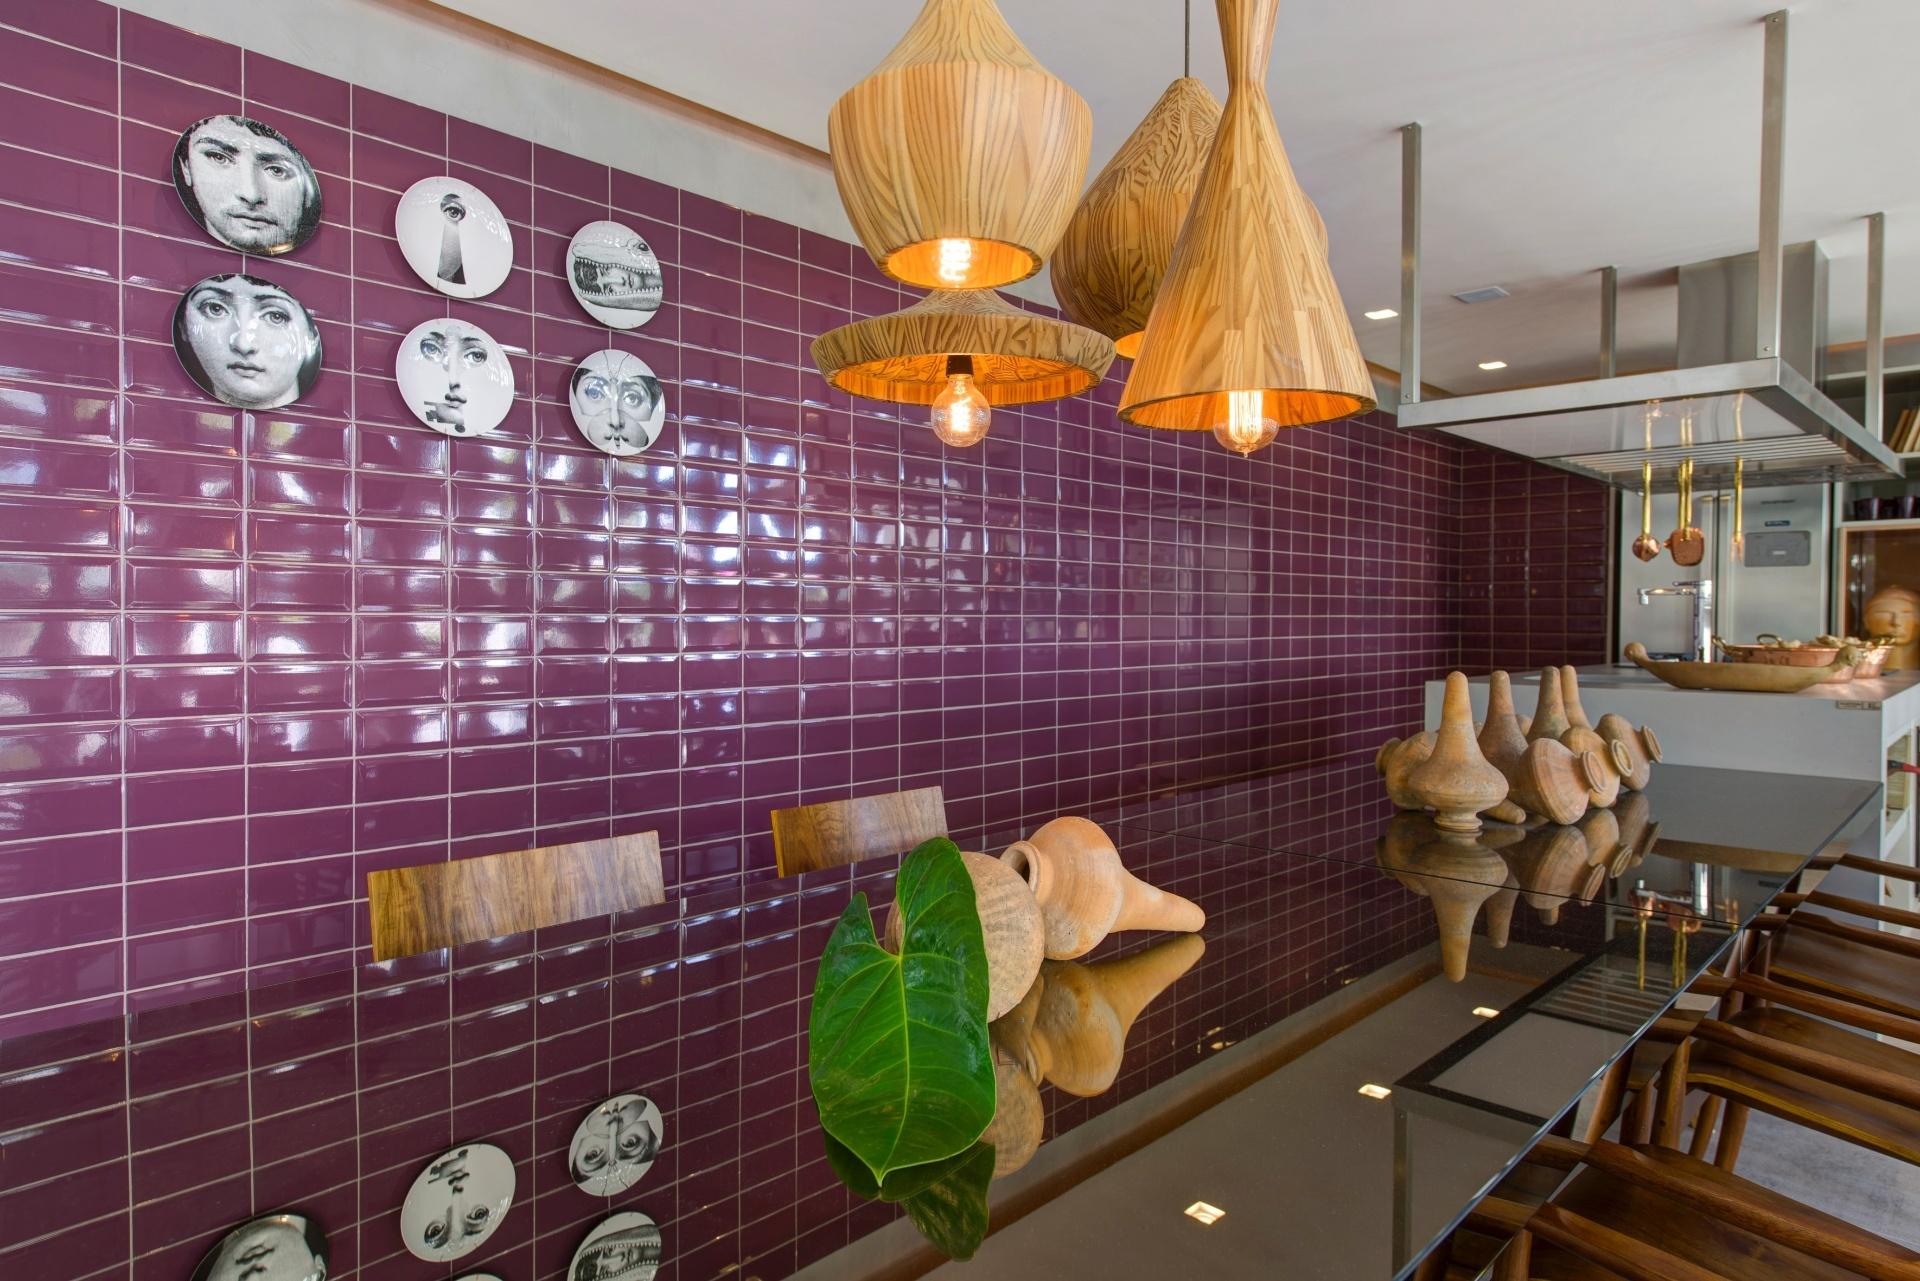 Pratos decorativos - Os ambientes da mostra apresentam propostas interessantes de como combinar pratos em paredes de diferentes revestimentos. Na cozinha do Lounge Galeria, Leo Shehtman colocou pratos em preto e branco sobre os azulejos ingleses Purple em tom vinho (Decortiles)